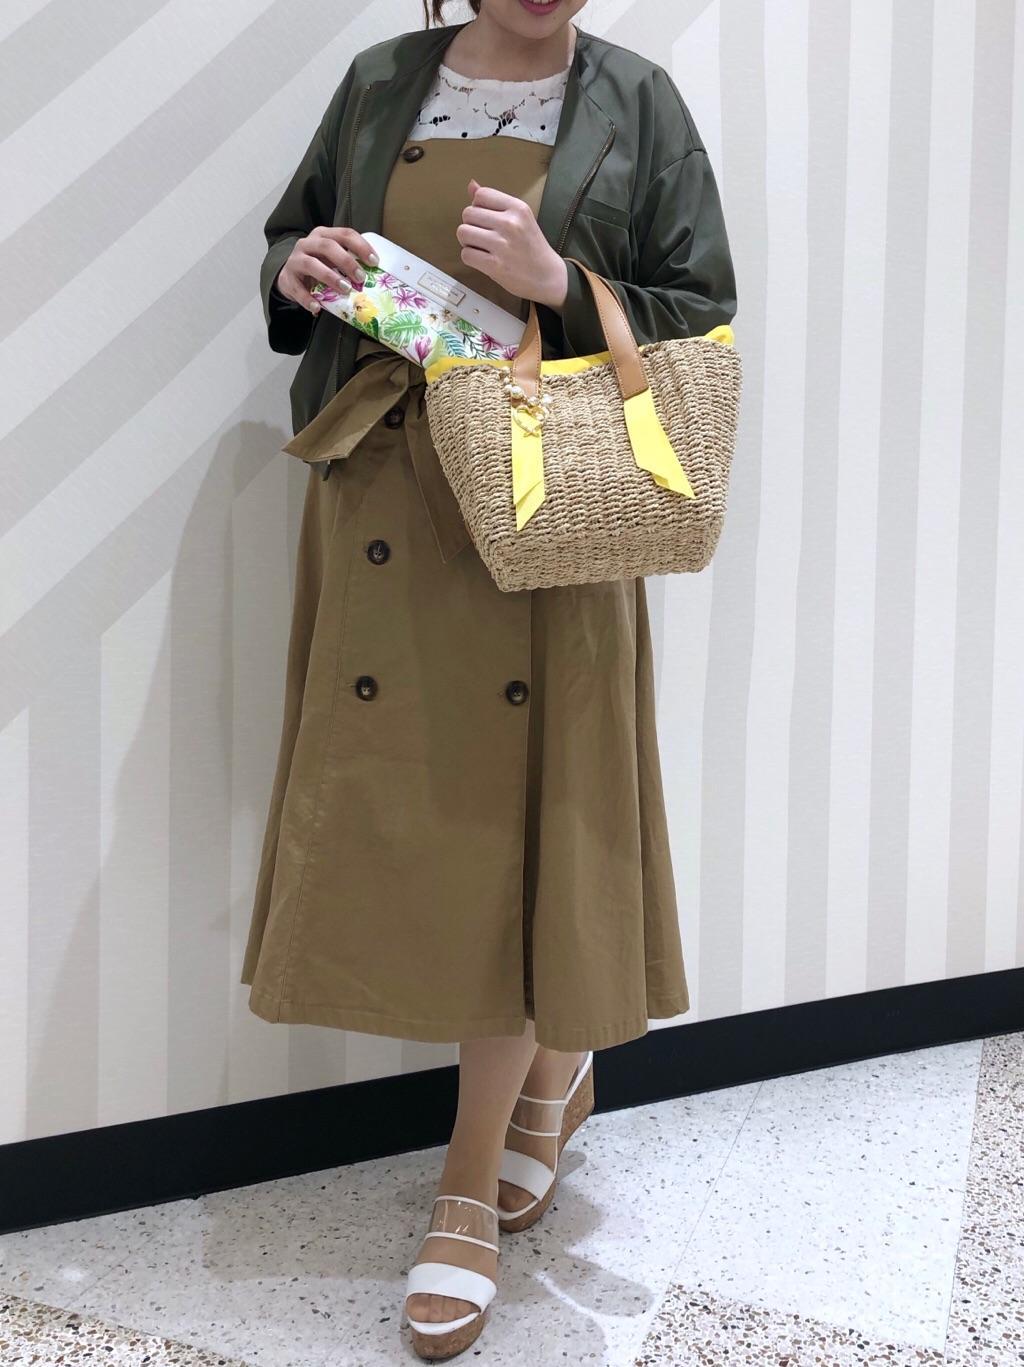 サマンサタバサプチチョイス大宮マルイ店 Tomoyo.·˖*✩